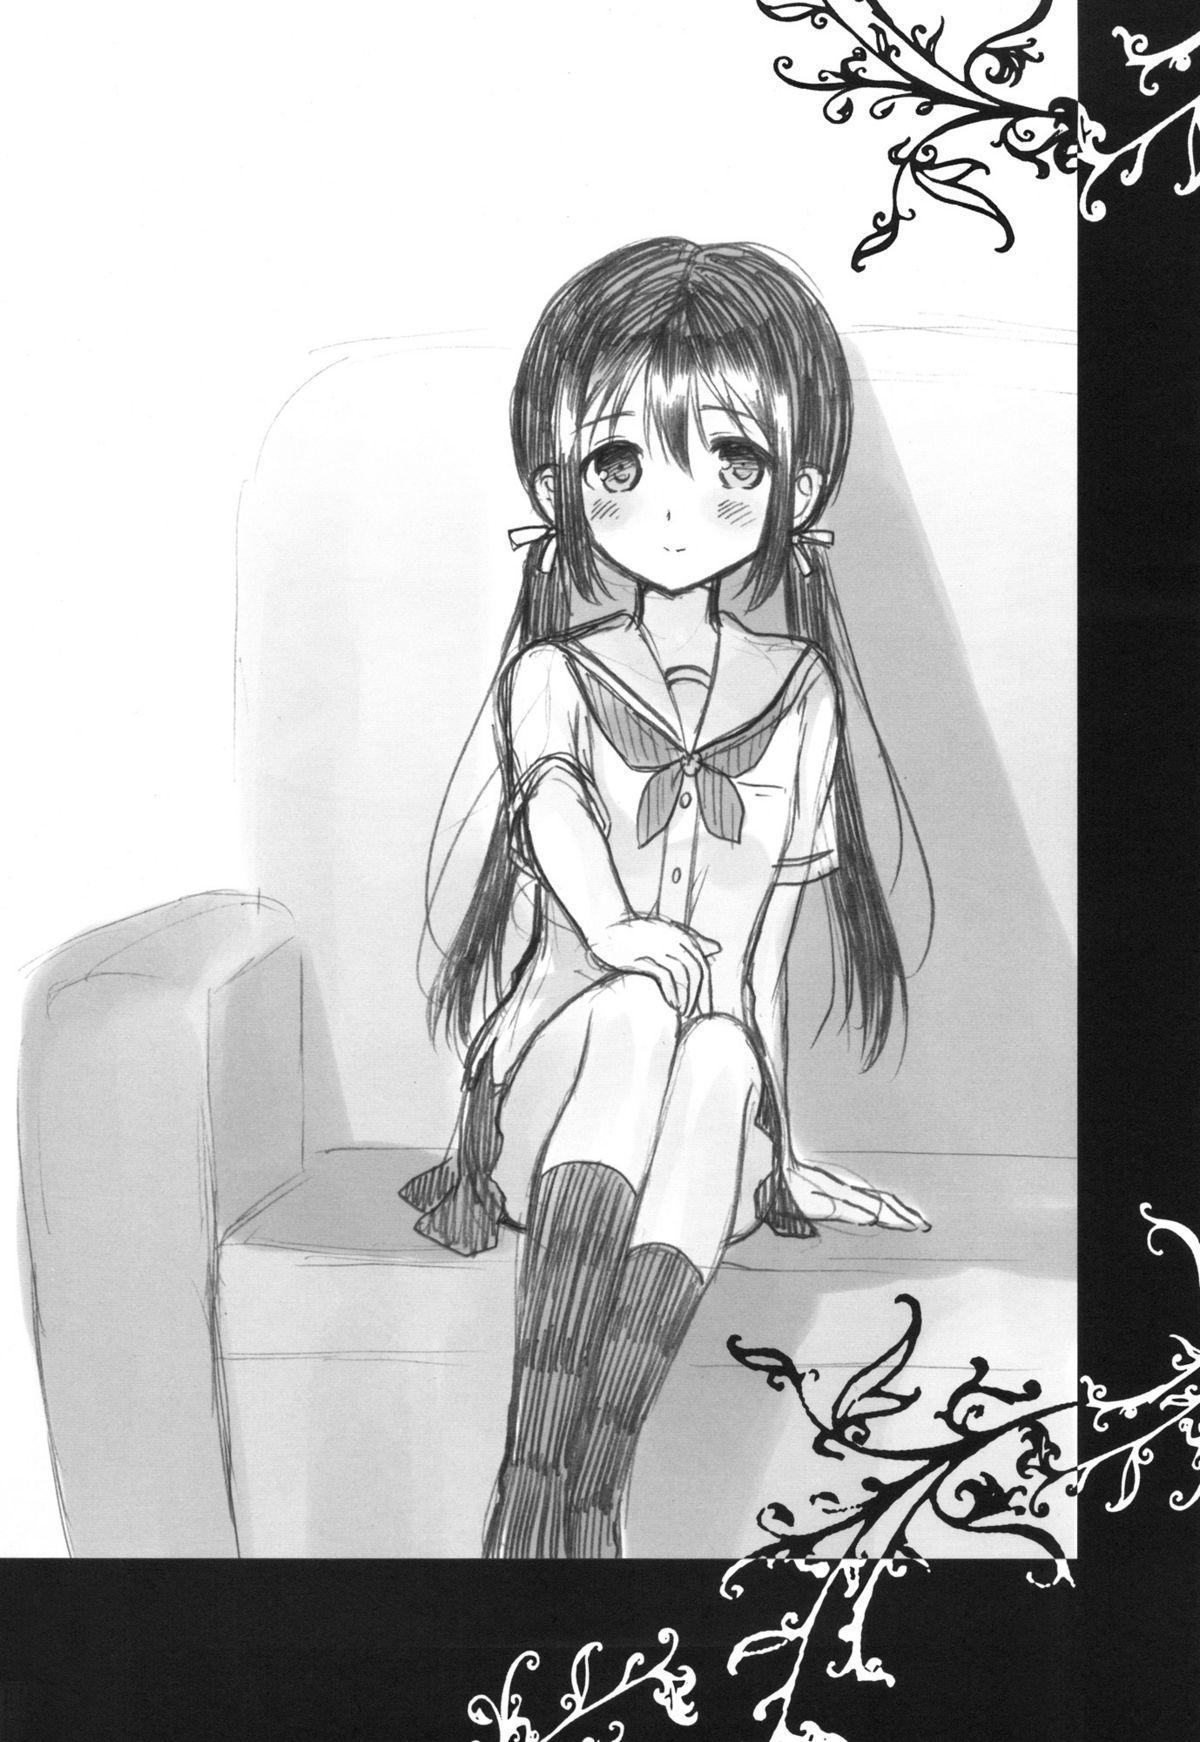 (C82) [Panda ga Ippiki. (Komizu Miko)] Shunka - Watashi to Ani no Natsuyasumi | One Second of Summer - My Brother's and My Summer Vacation [English] [RedBlueGreen] 2